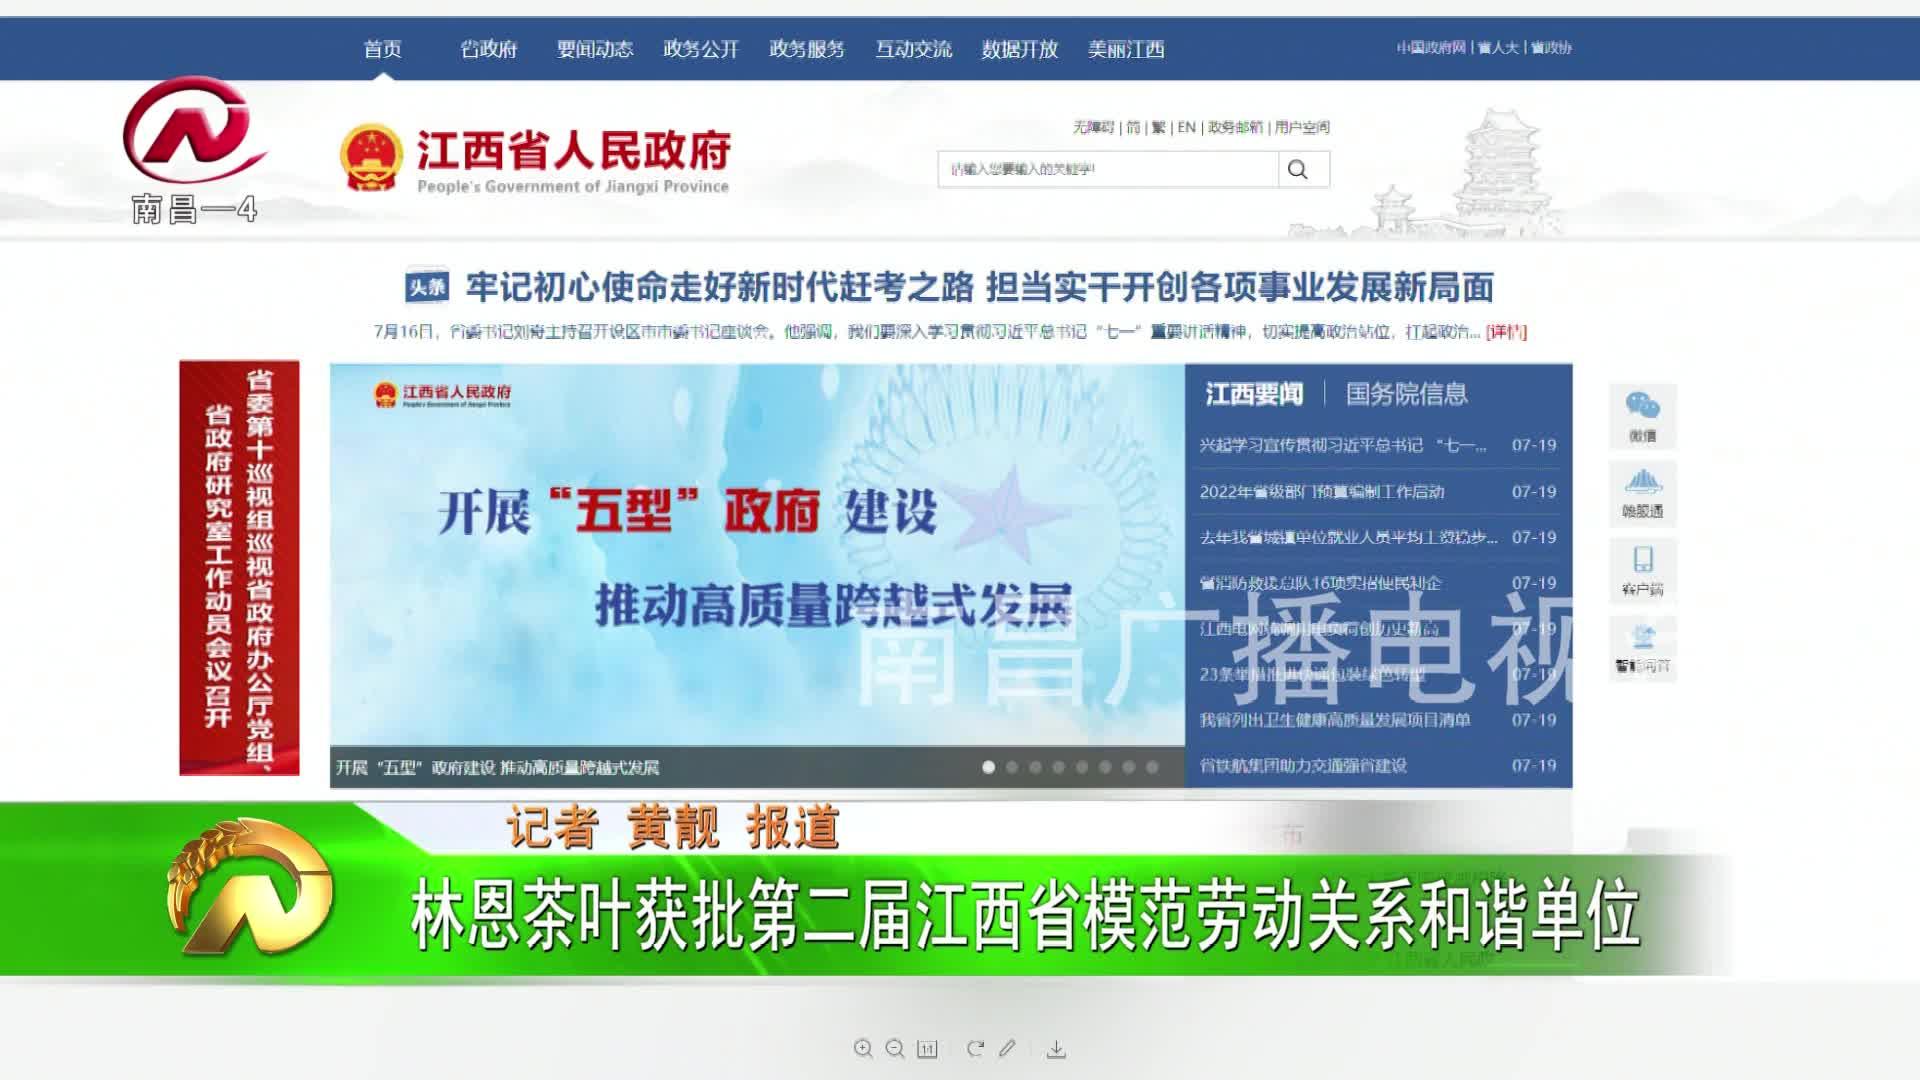 【豫章农视】林恩茶叶获批第二届江西省模范劳动关系和谐单位